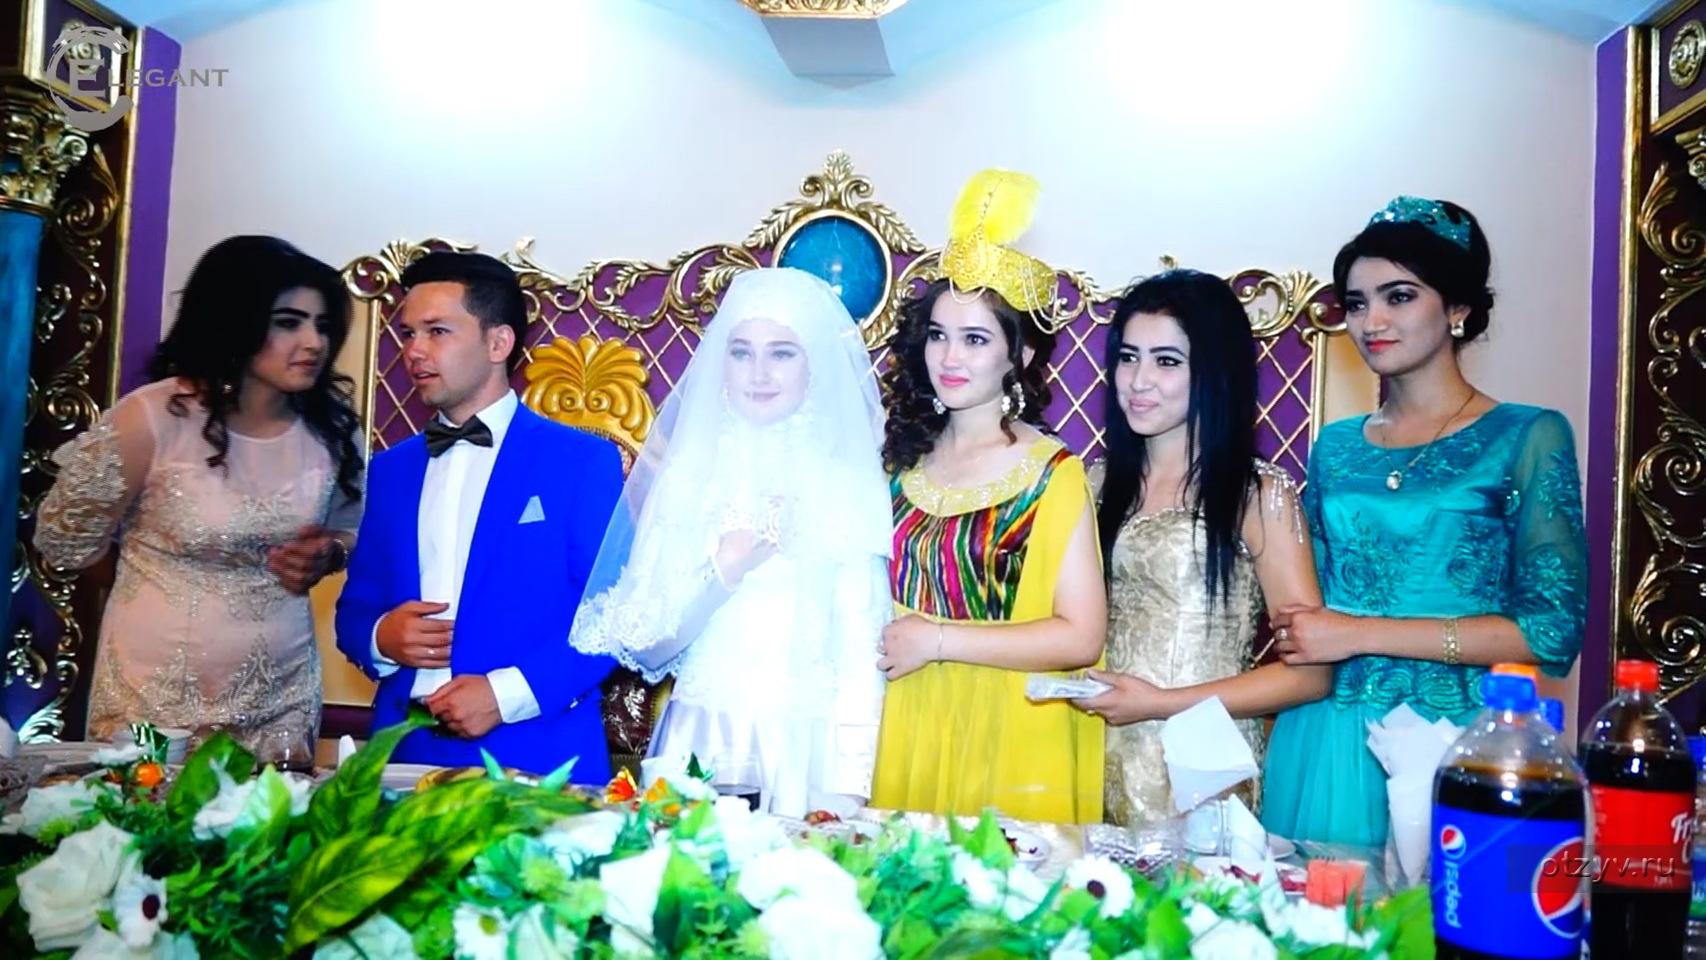 Жена на свадьбе рассказы фото 670-997